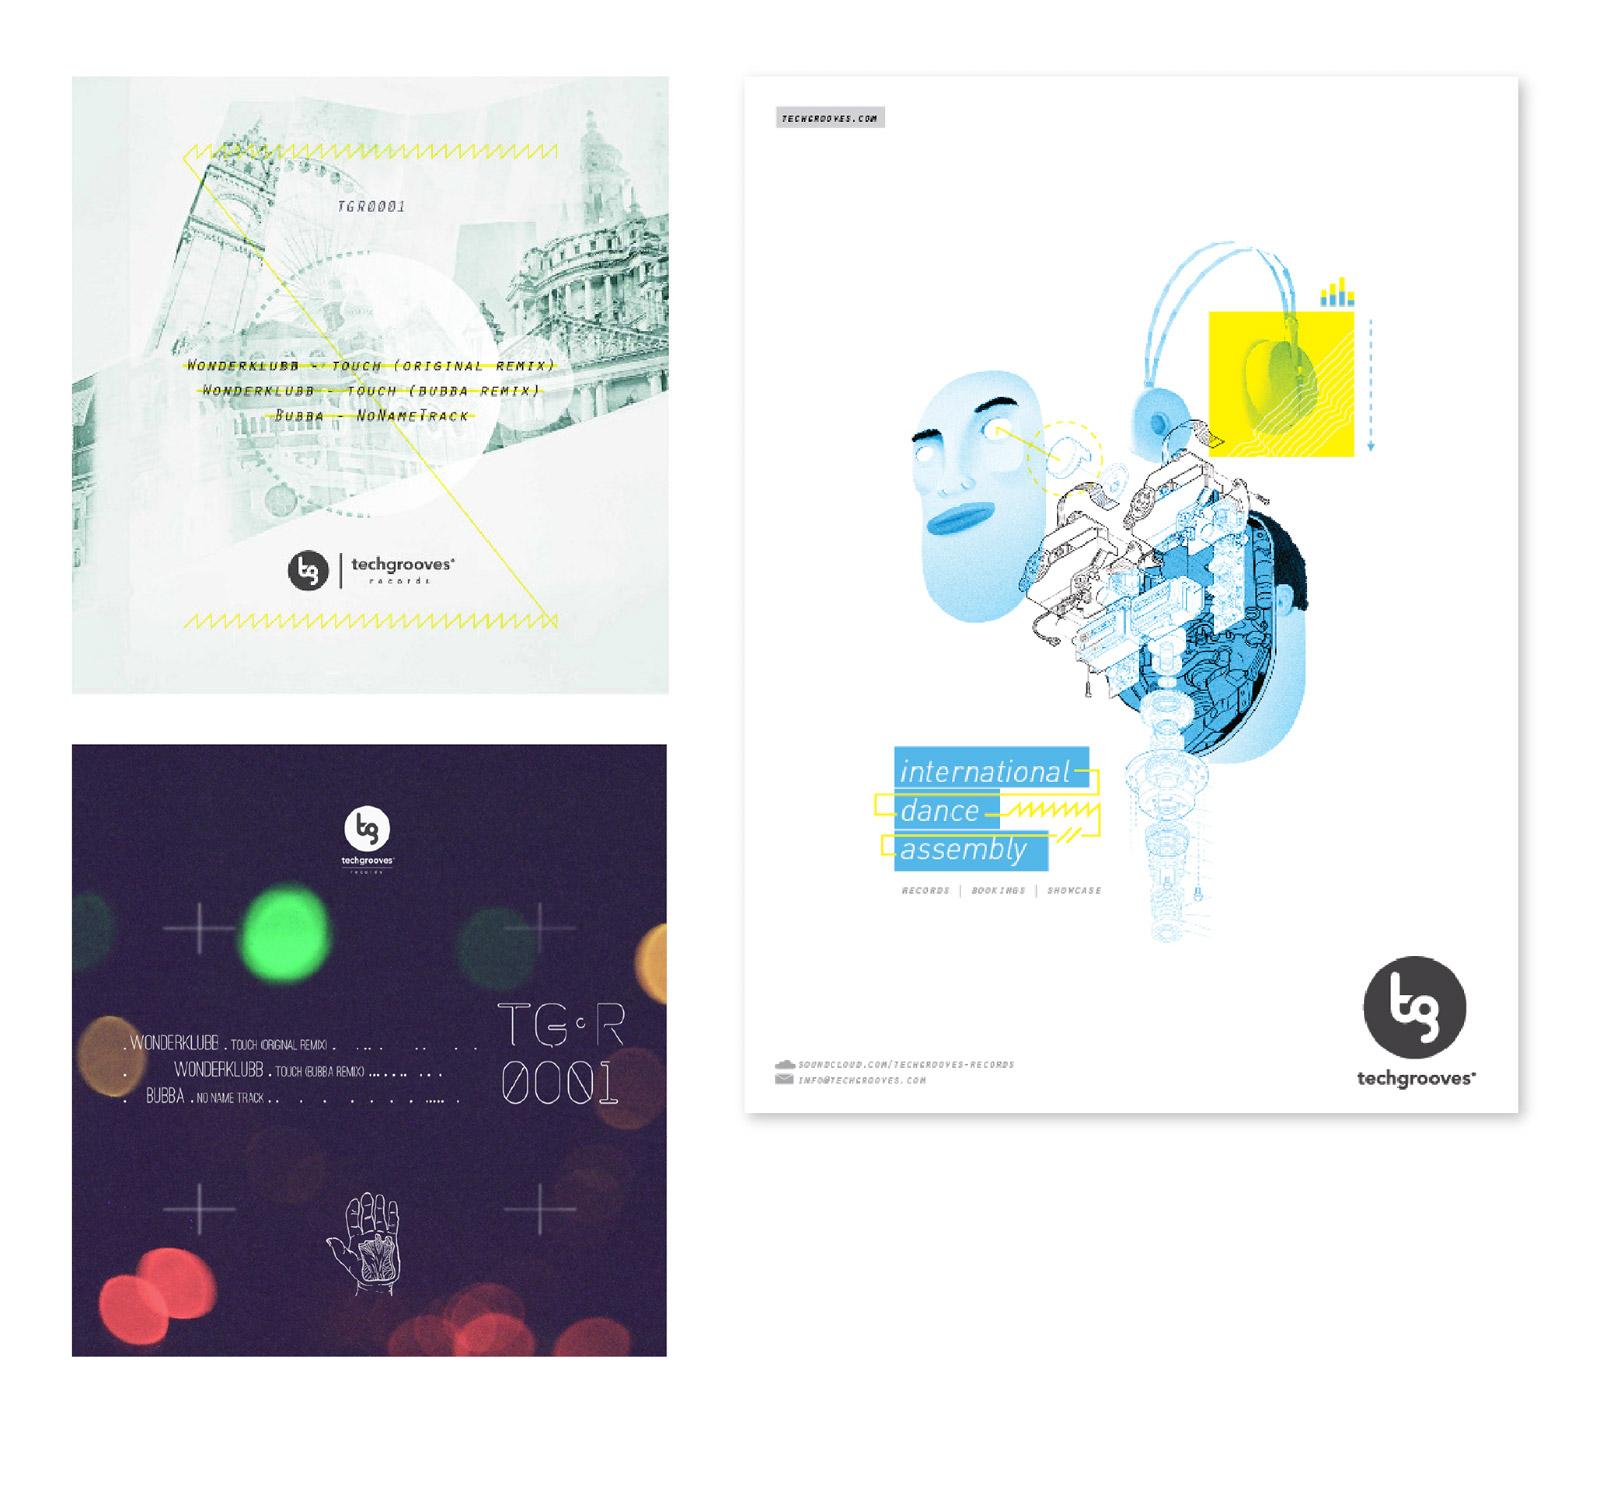 techgrooves_records-estudio_pum-18.jpg